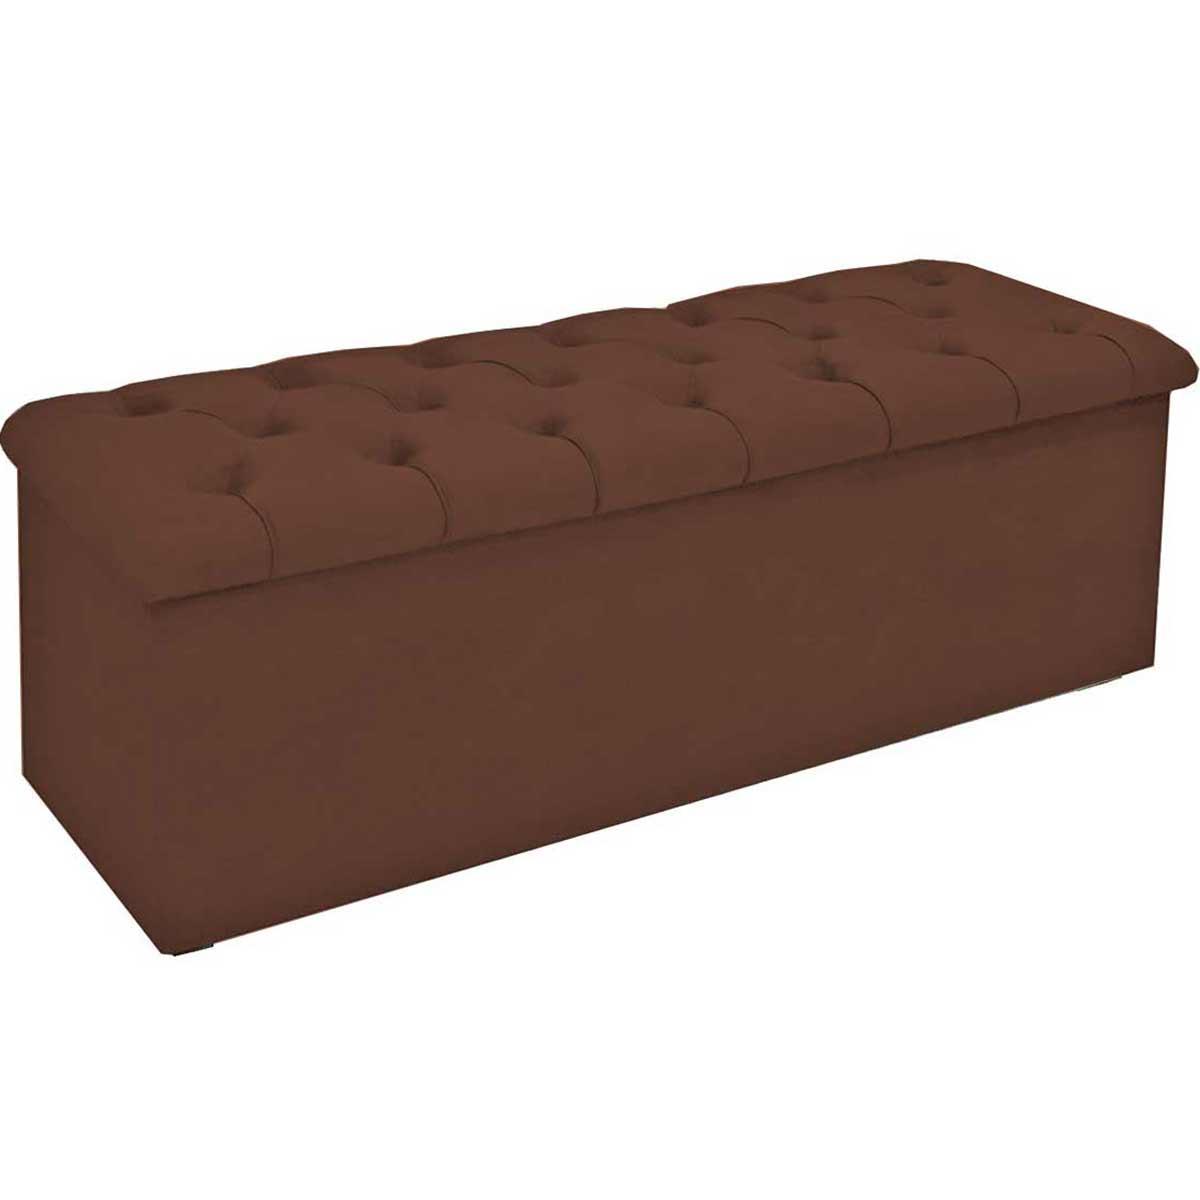 Calçadeira com Baú Estofada Lotus 160 cm Animale Chocolate